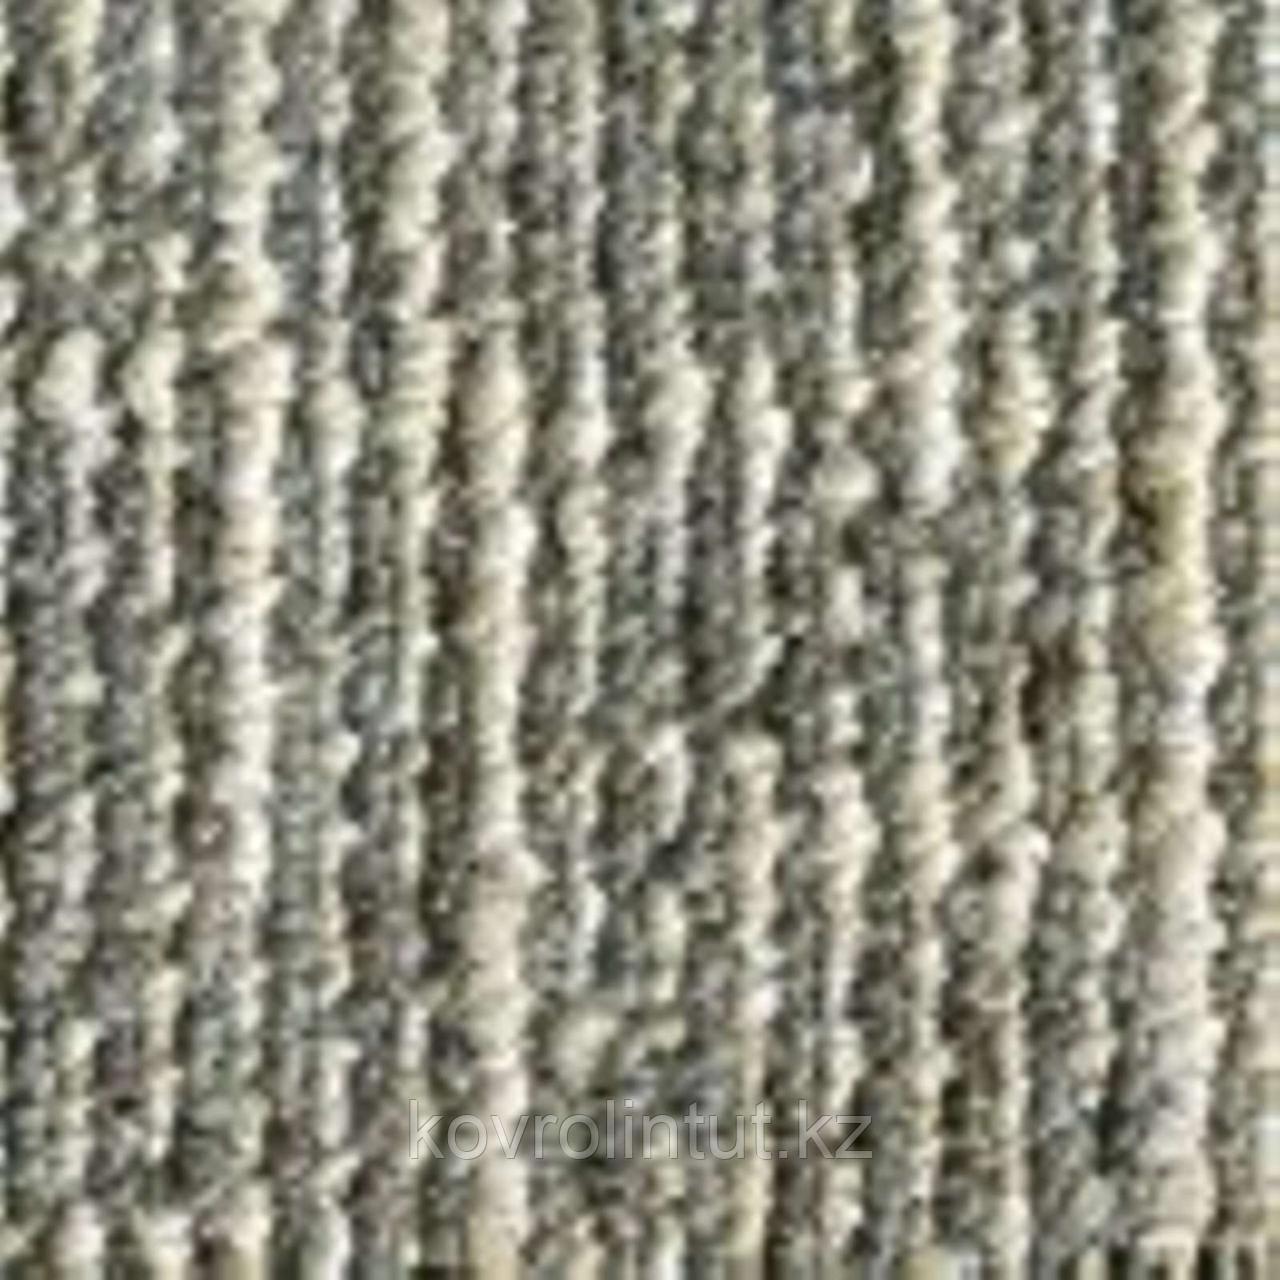 Плитка ковровая Сondor Graphic Unique 70, 50х50, 5м2/уп